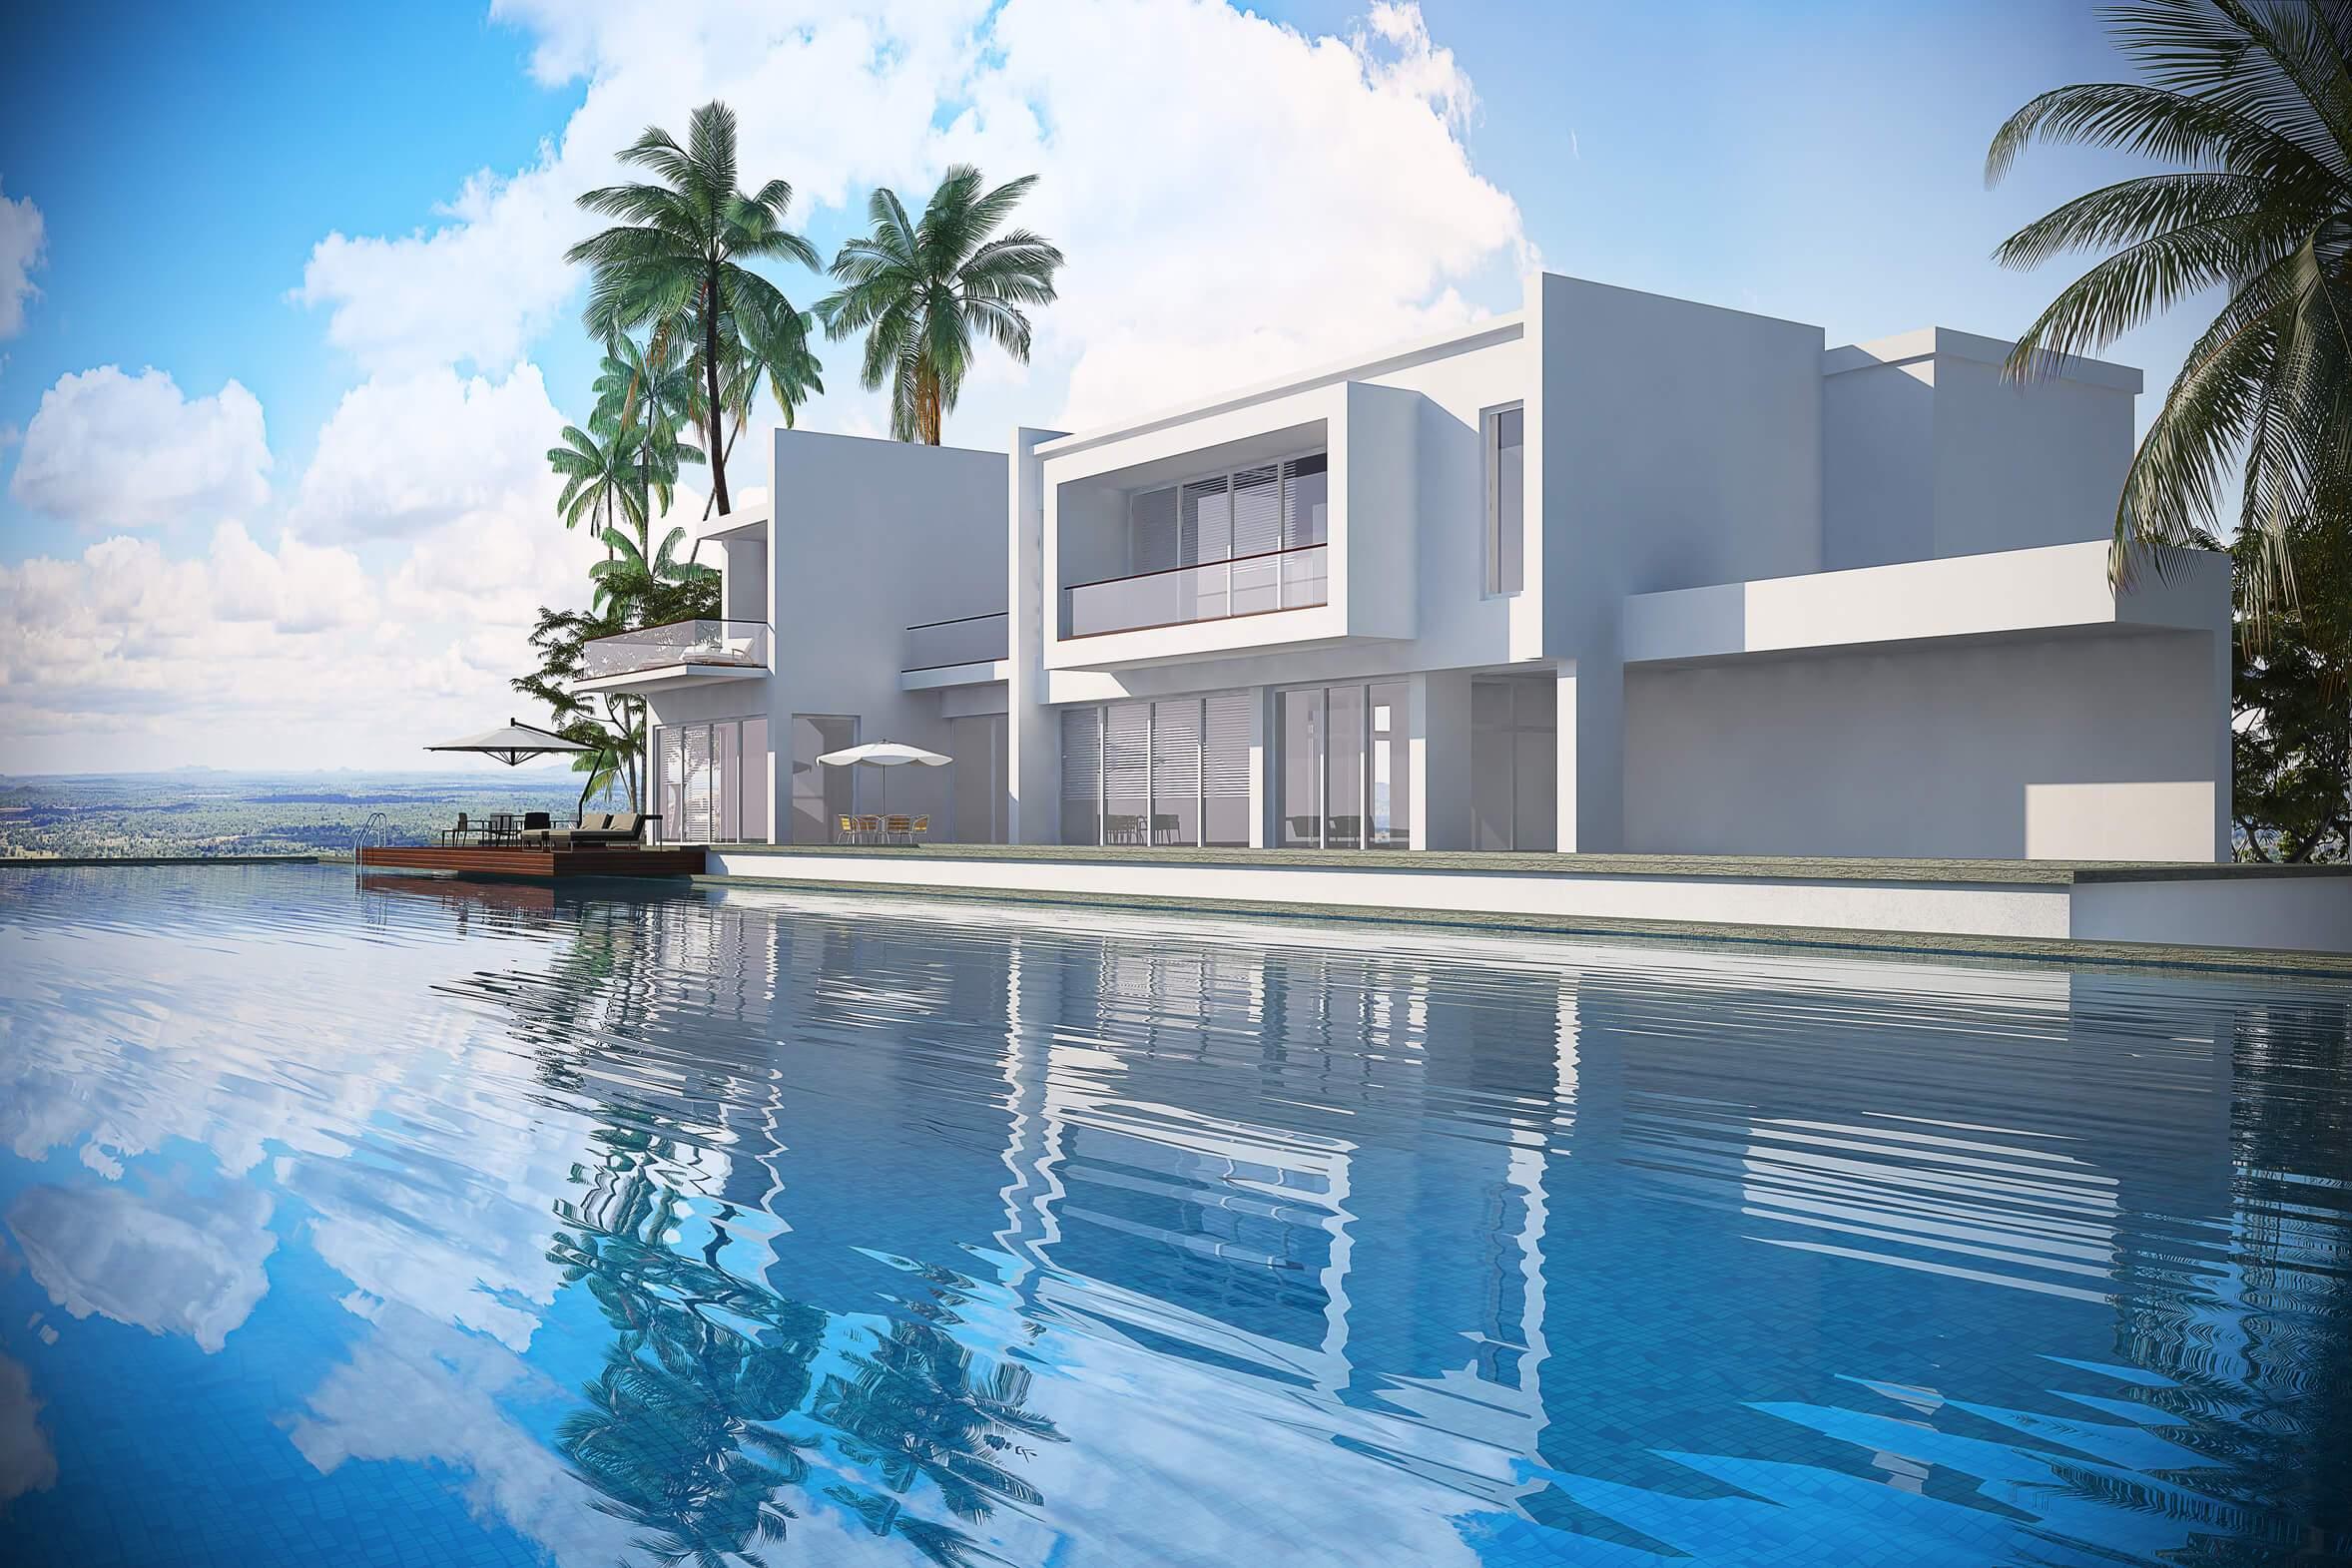 Austral Immobilier - agence immobiliere - Ile de la Réunion - La Possession